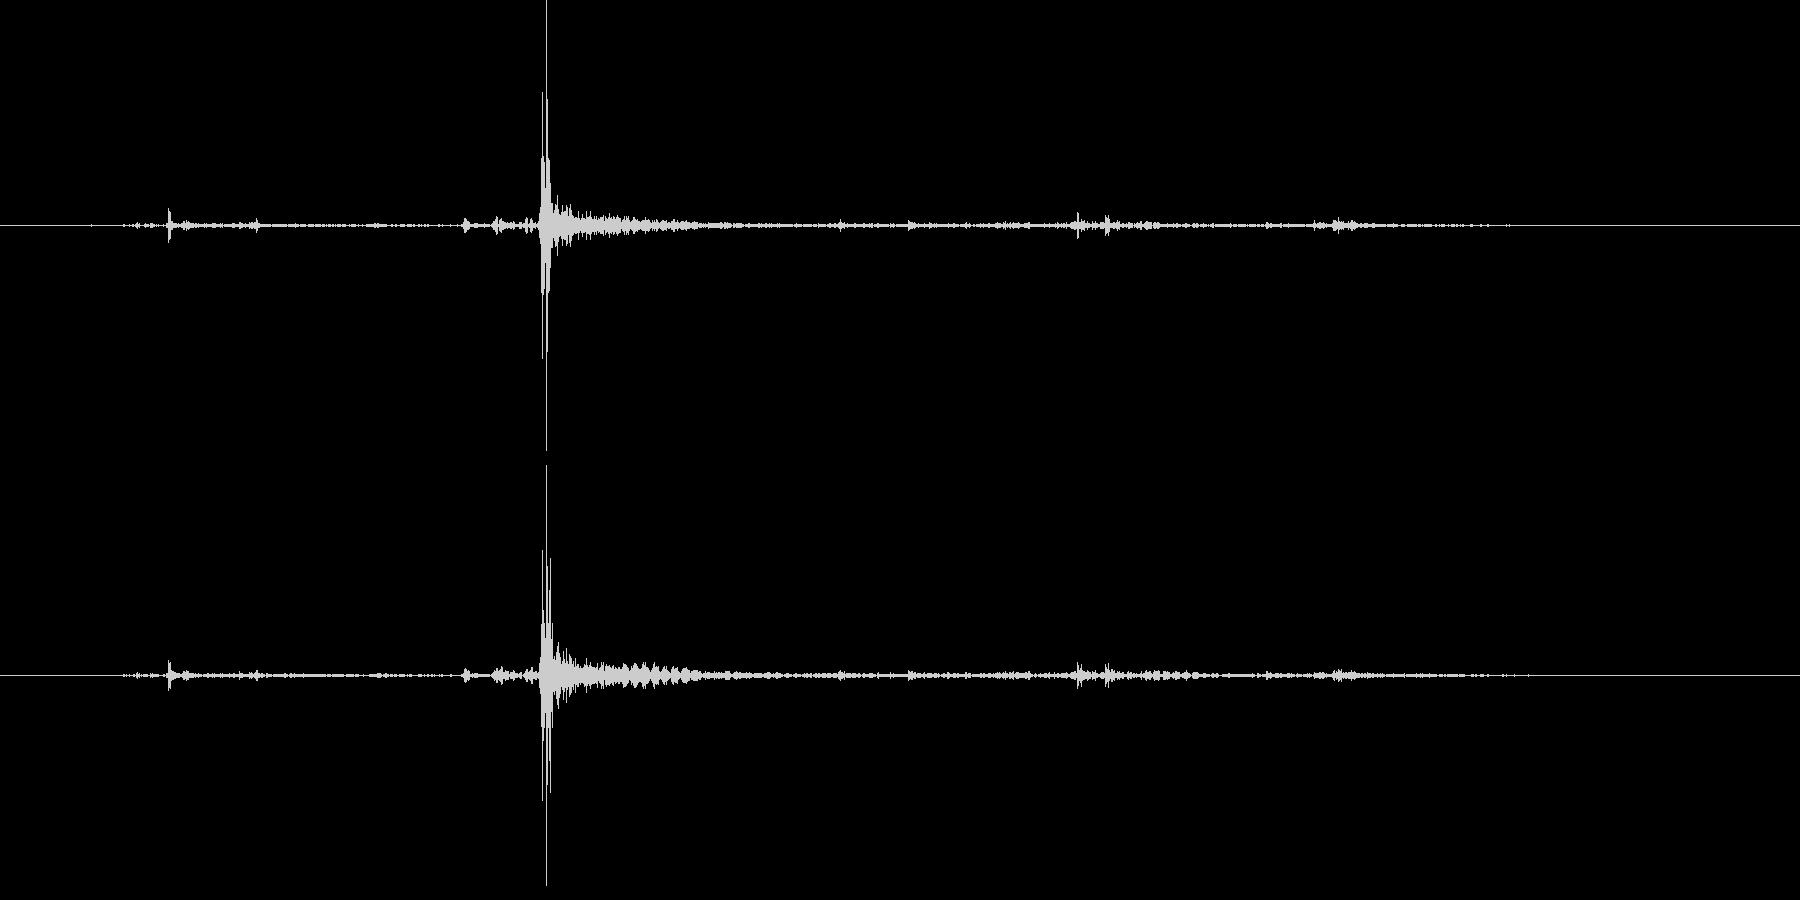 ロック解除されているレザーバッグの未再生の波形